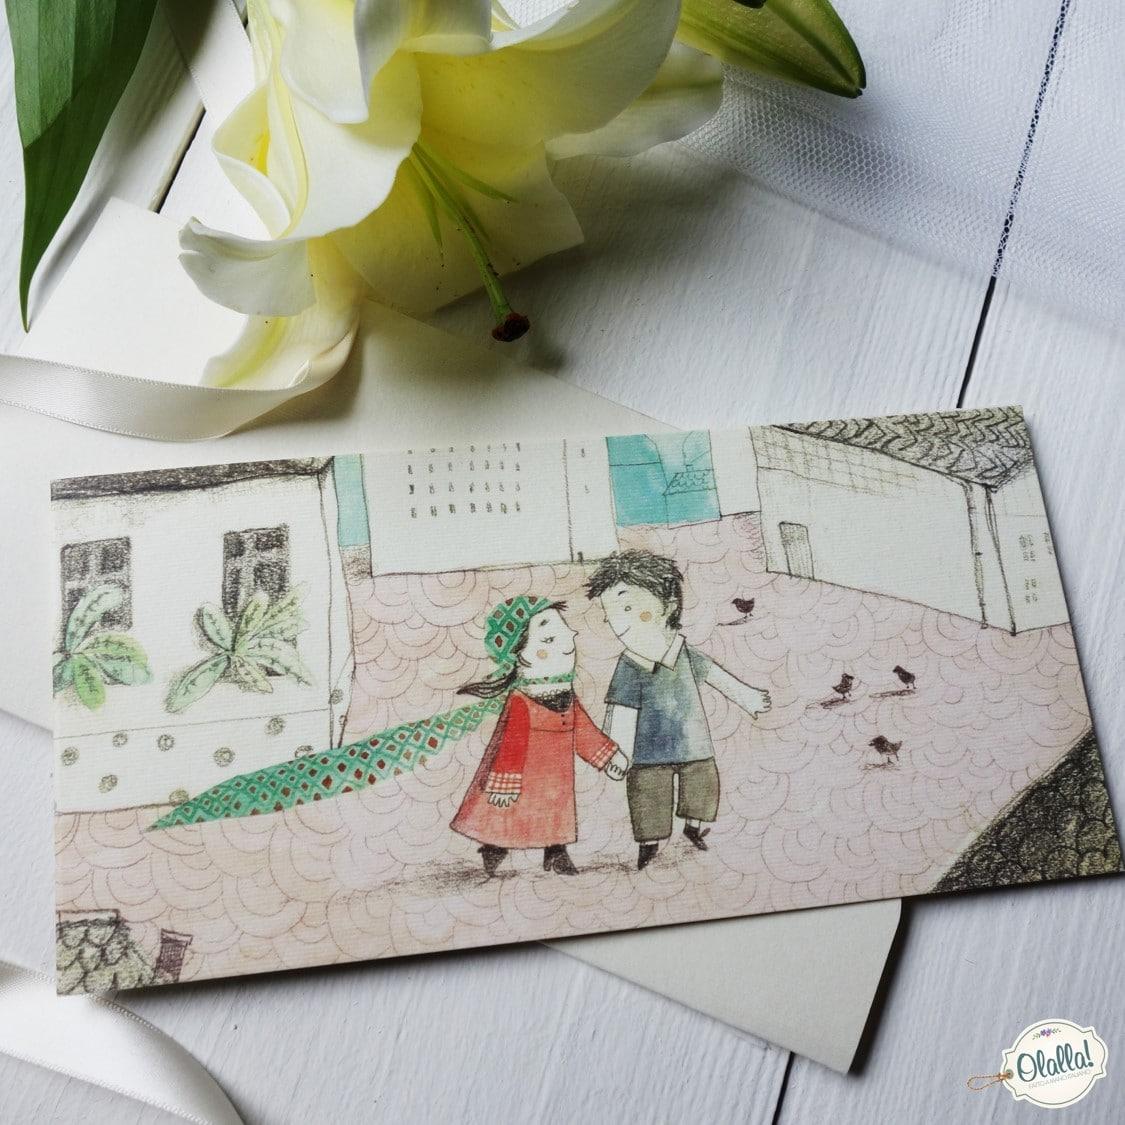 Partecipazioni Matrimonio Natalizio : Partecipazione matrimonio illustrata con coppia che